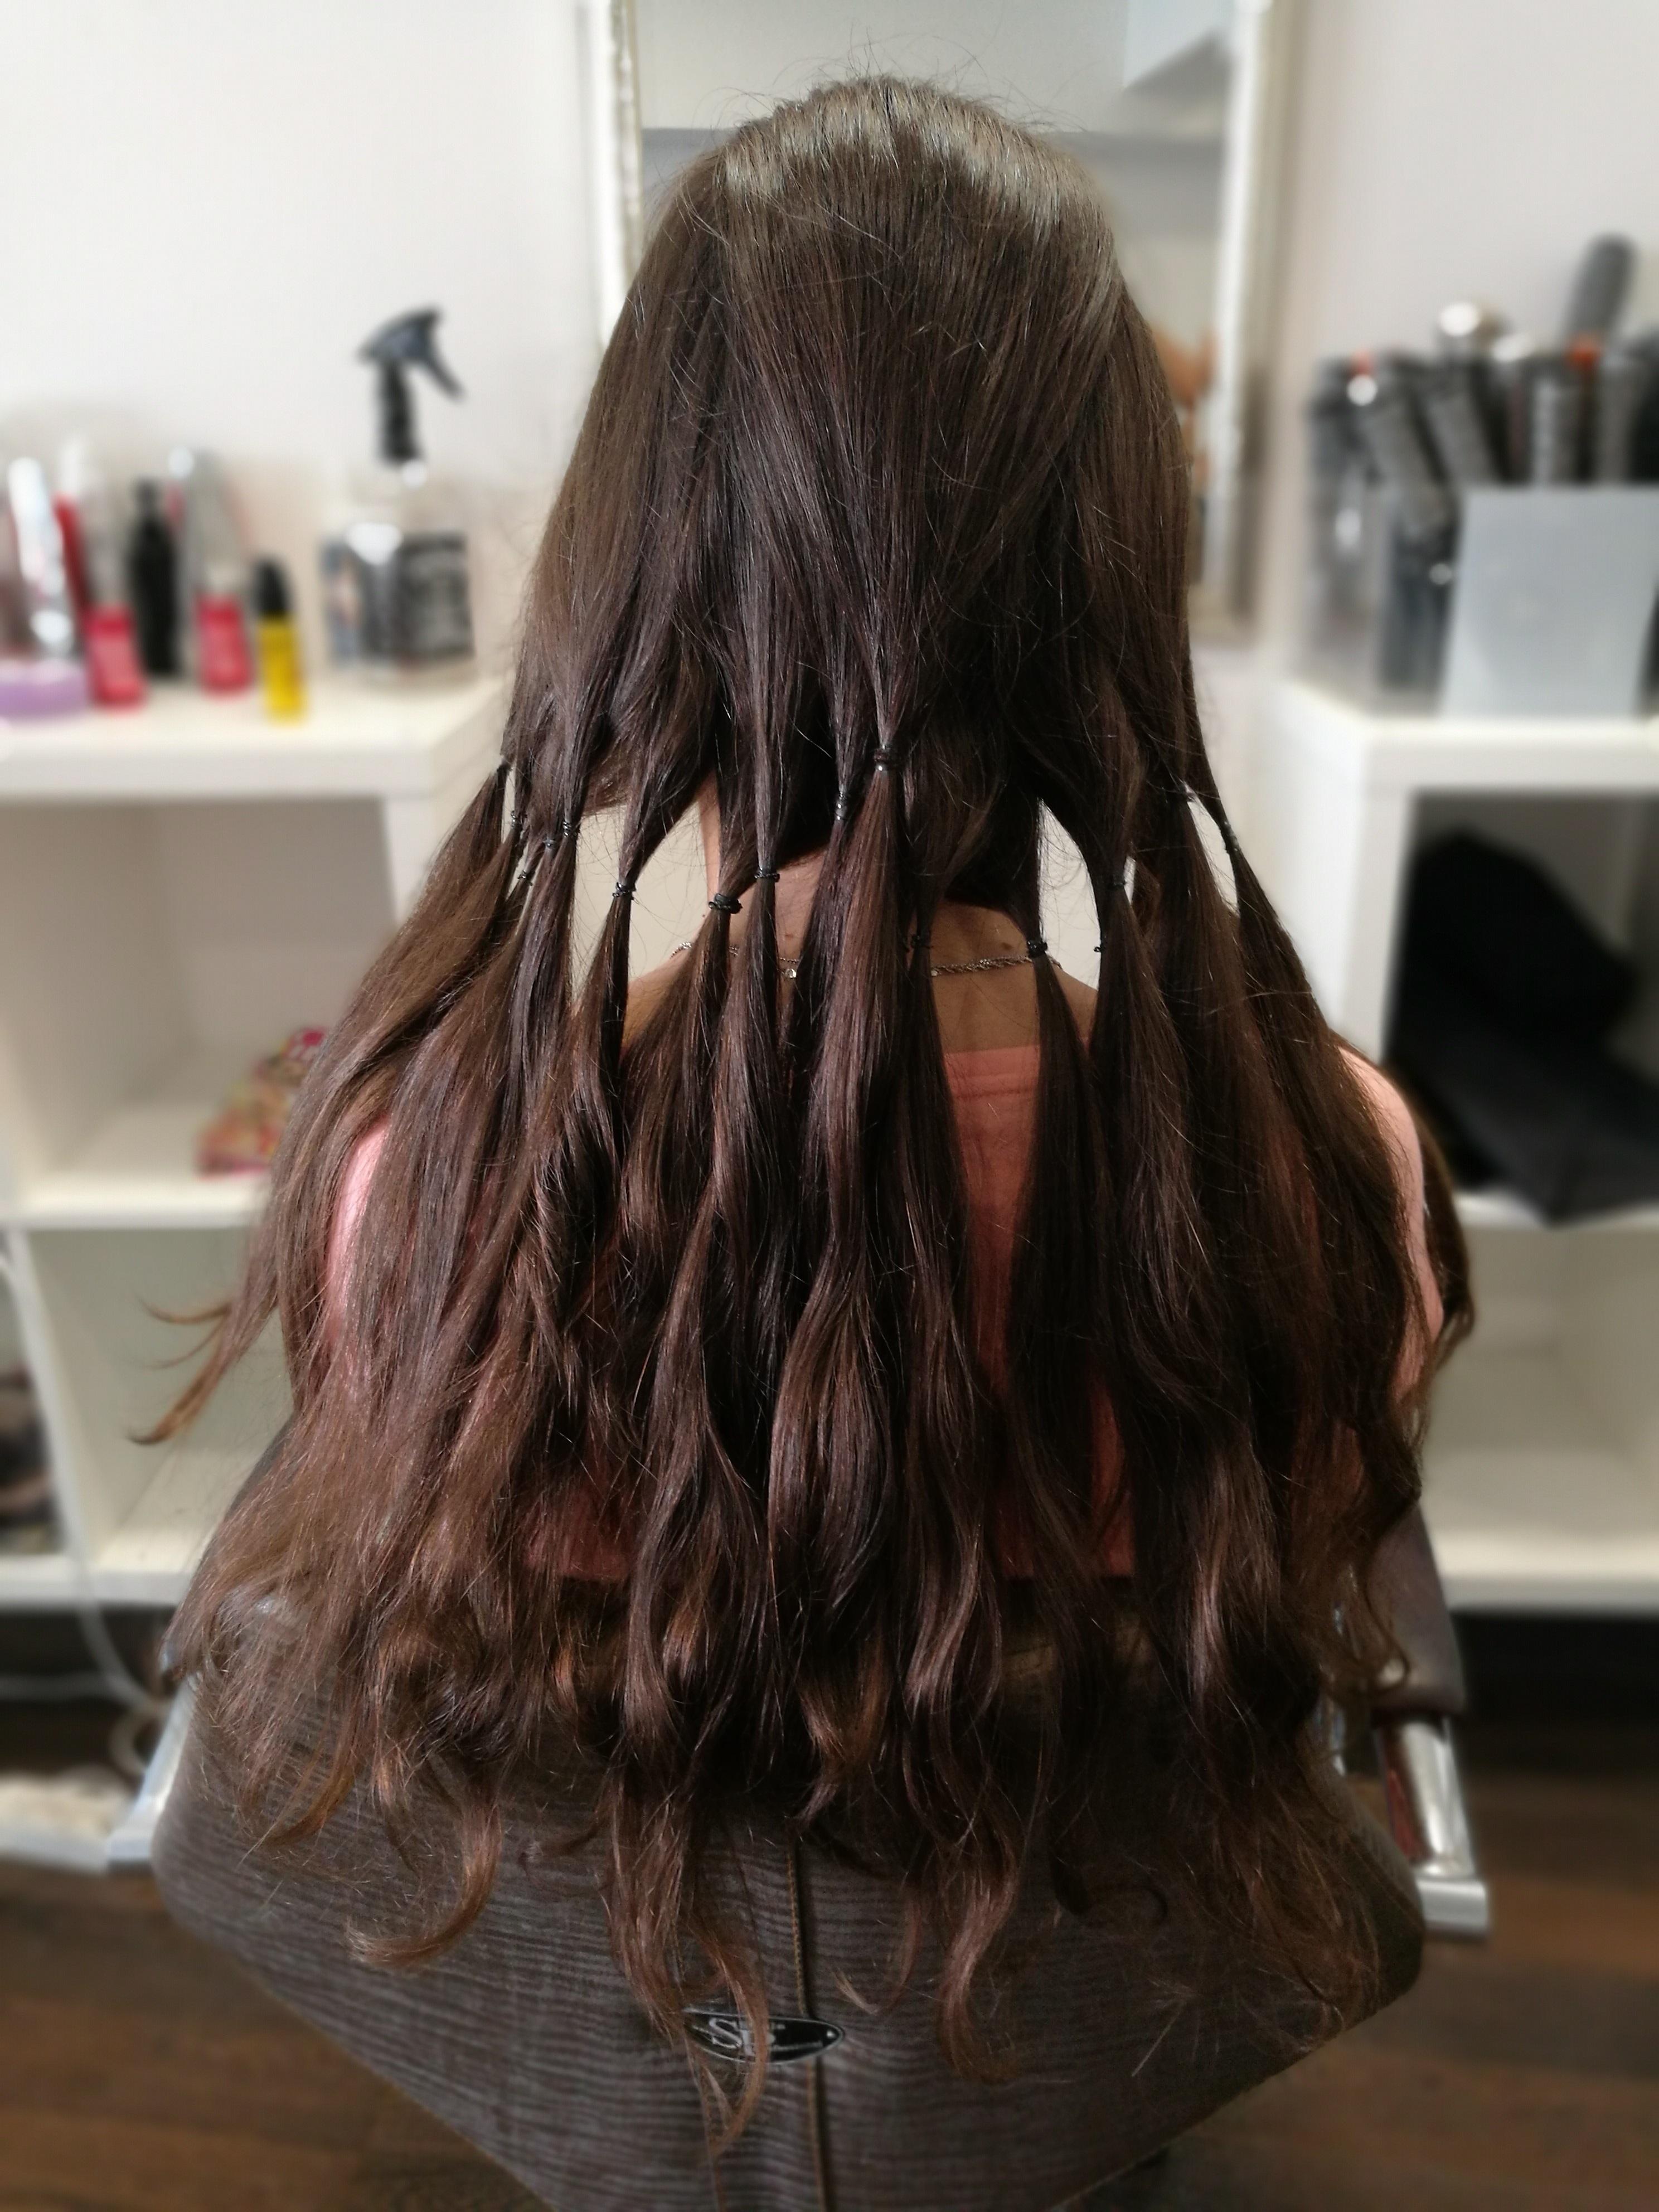 3. lépés maga a hajvágás. Az adományozónak lelkileg erősnek kell maradnia  elhatározásában 8446f3af6d